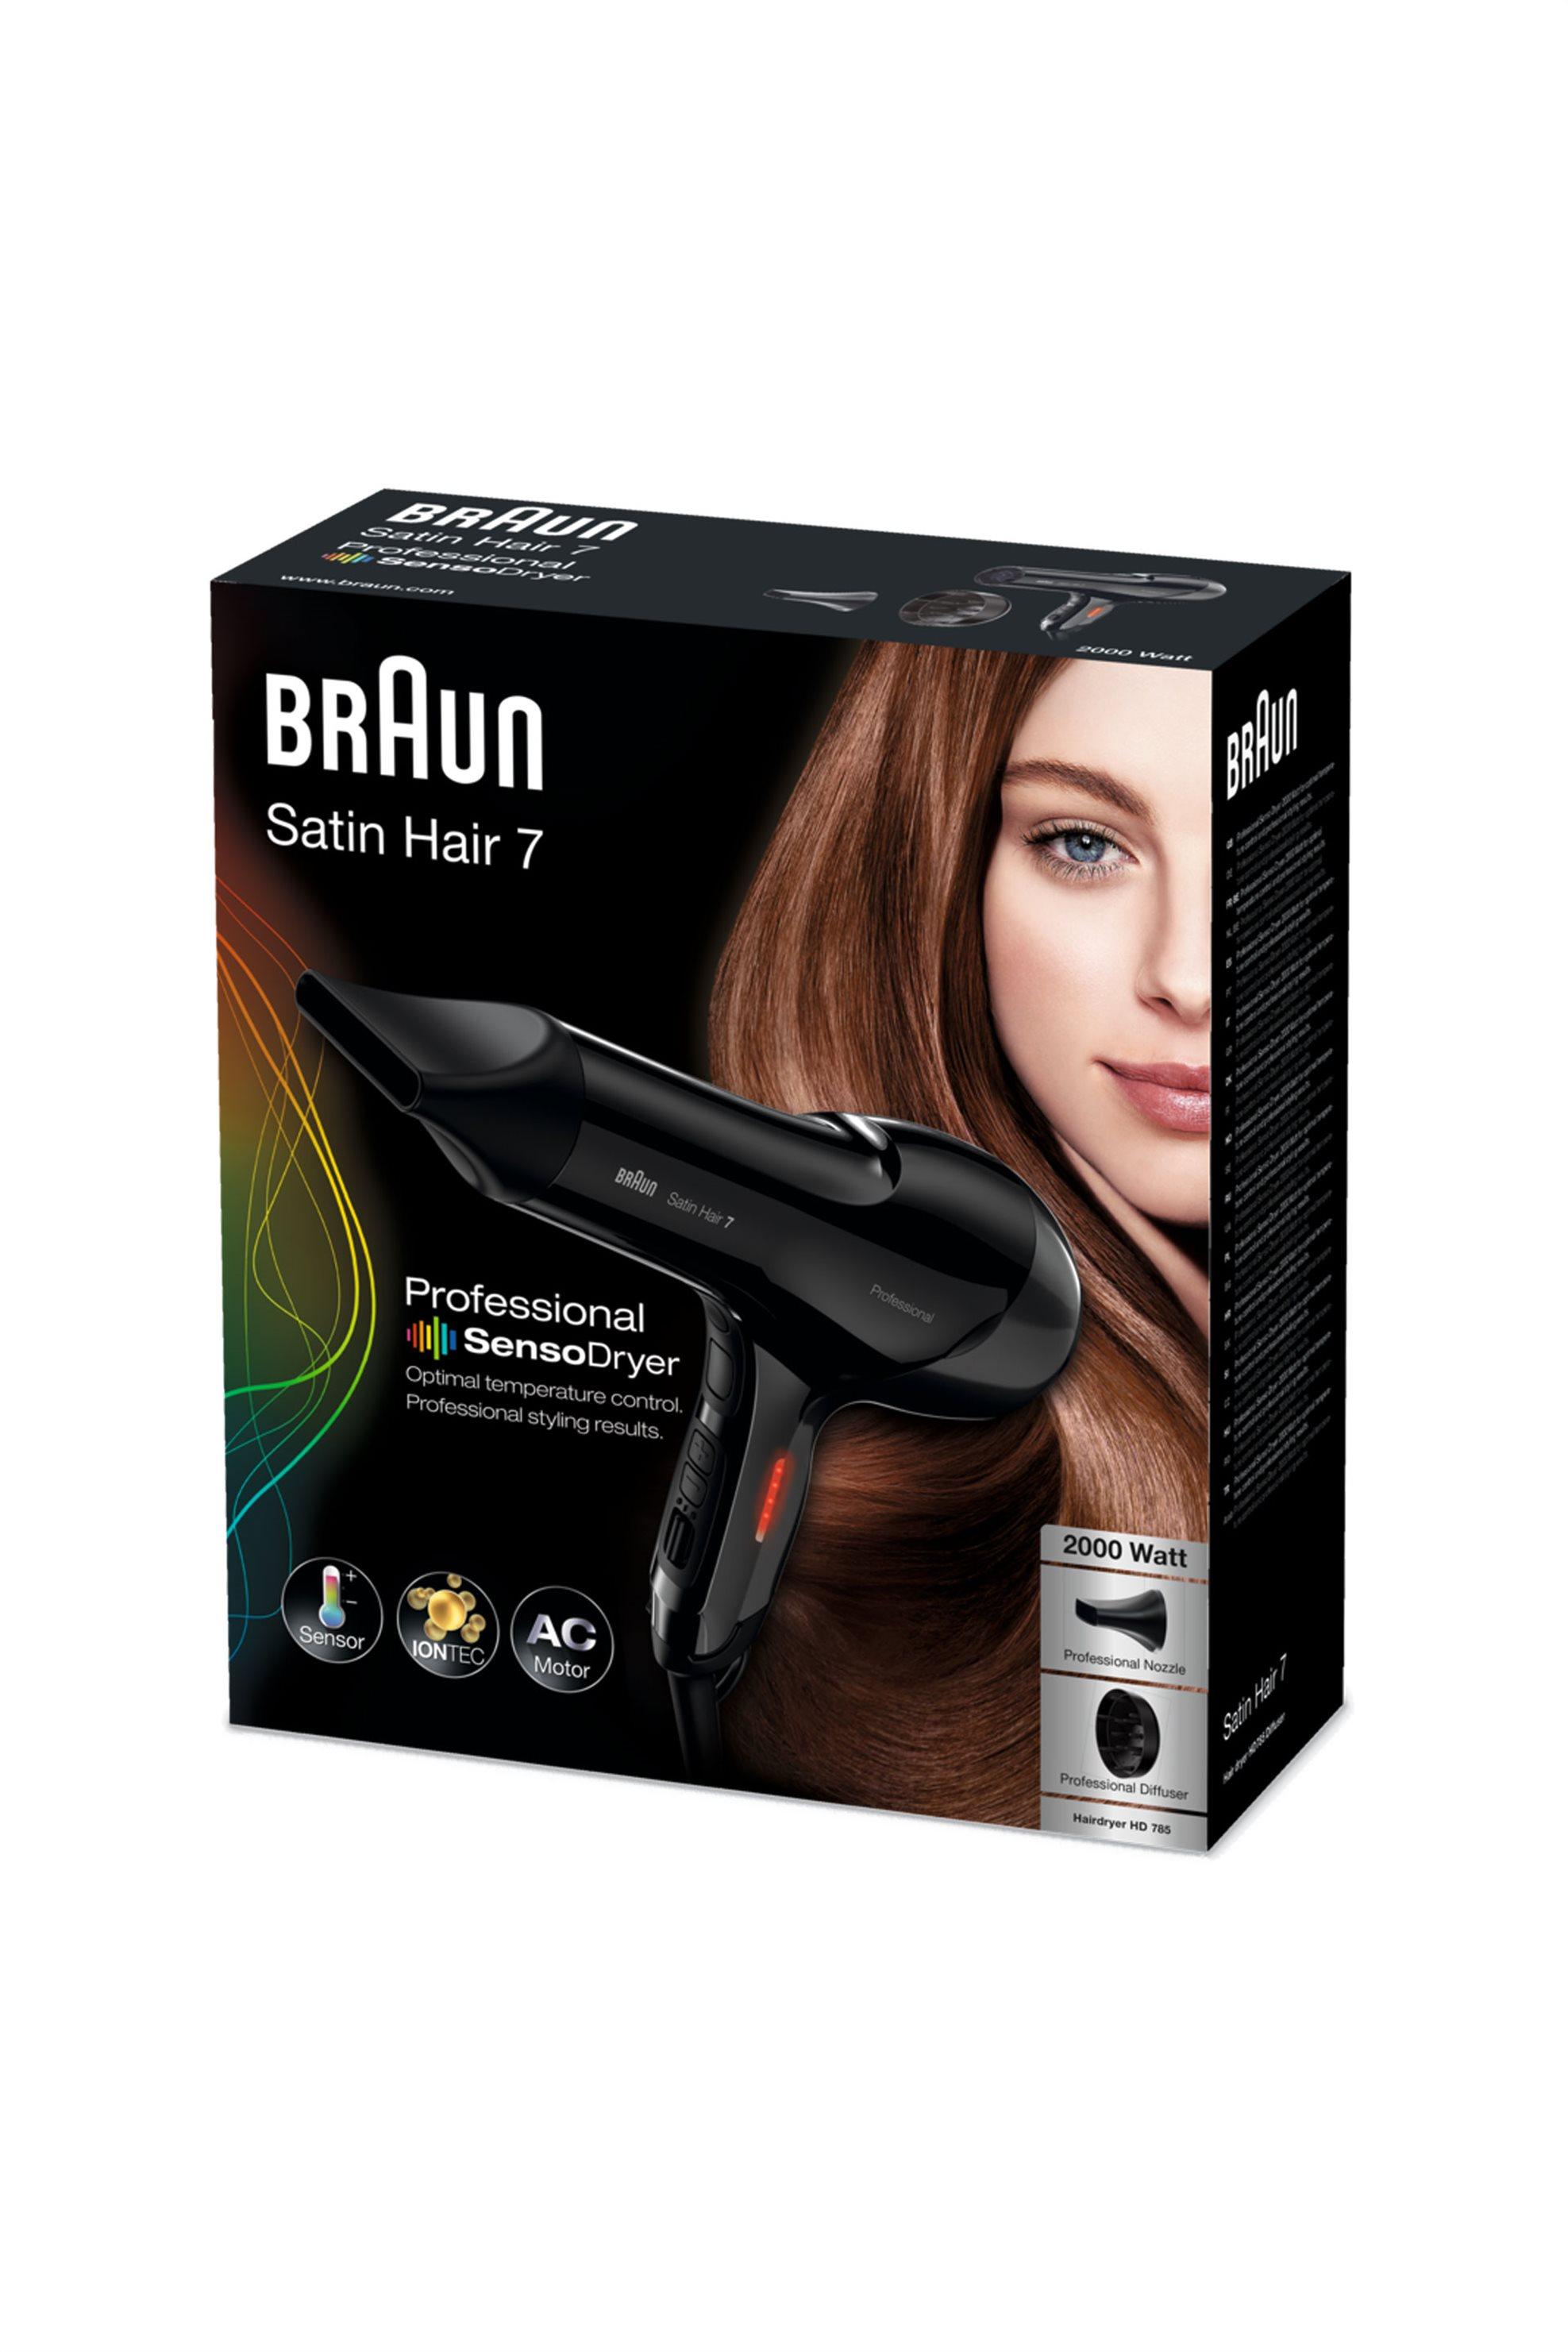 Σεσουάρ HD785 2000W Βraun - HD785 home   συσκευεσ περιποιησησ   πιστολάκια μαλλιών